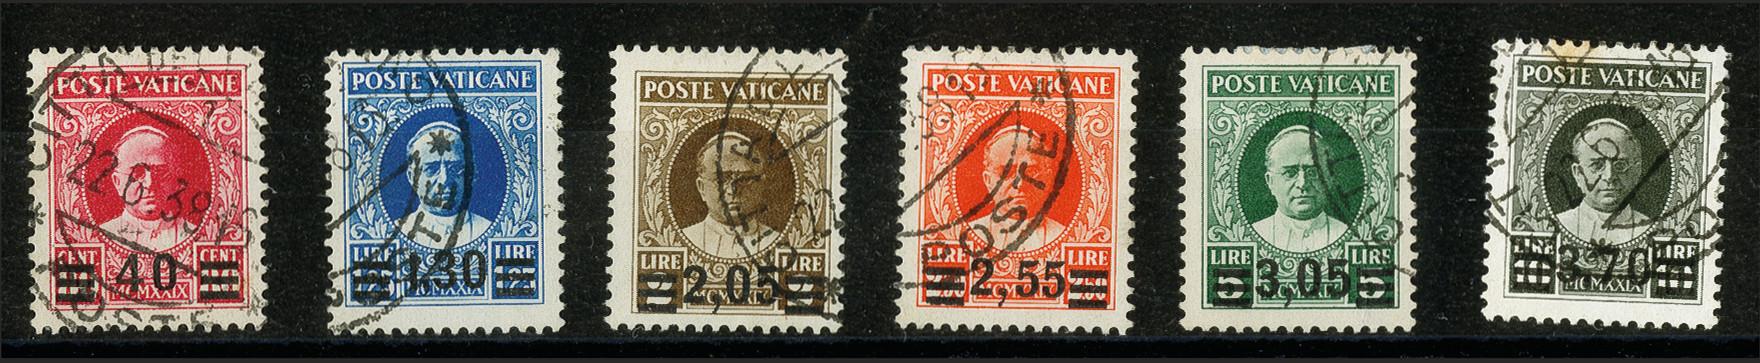 Lot 1012 - europe vatican -  Heinrich Koehler Auktionen 373rd Heinrich Köhler auction - Day 1